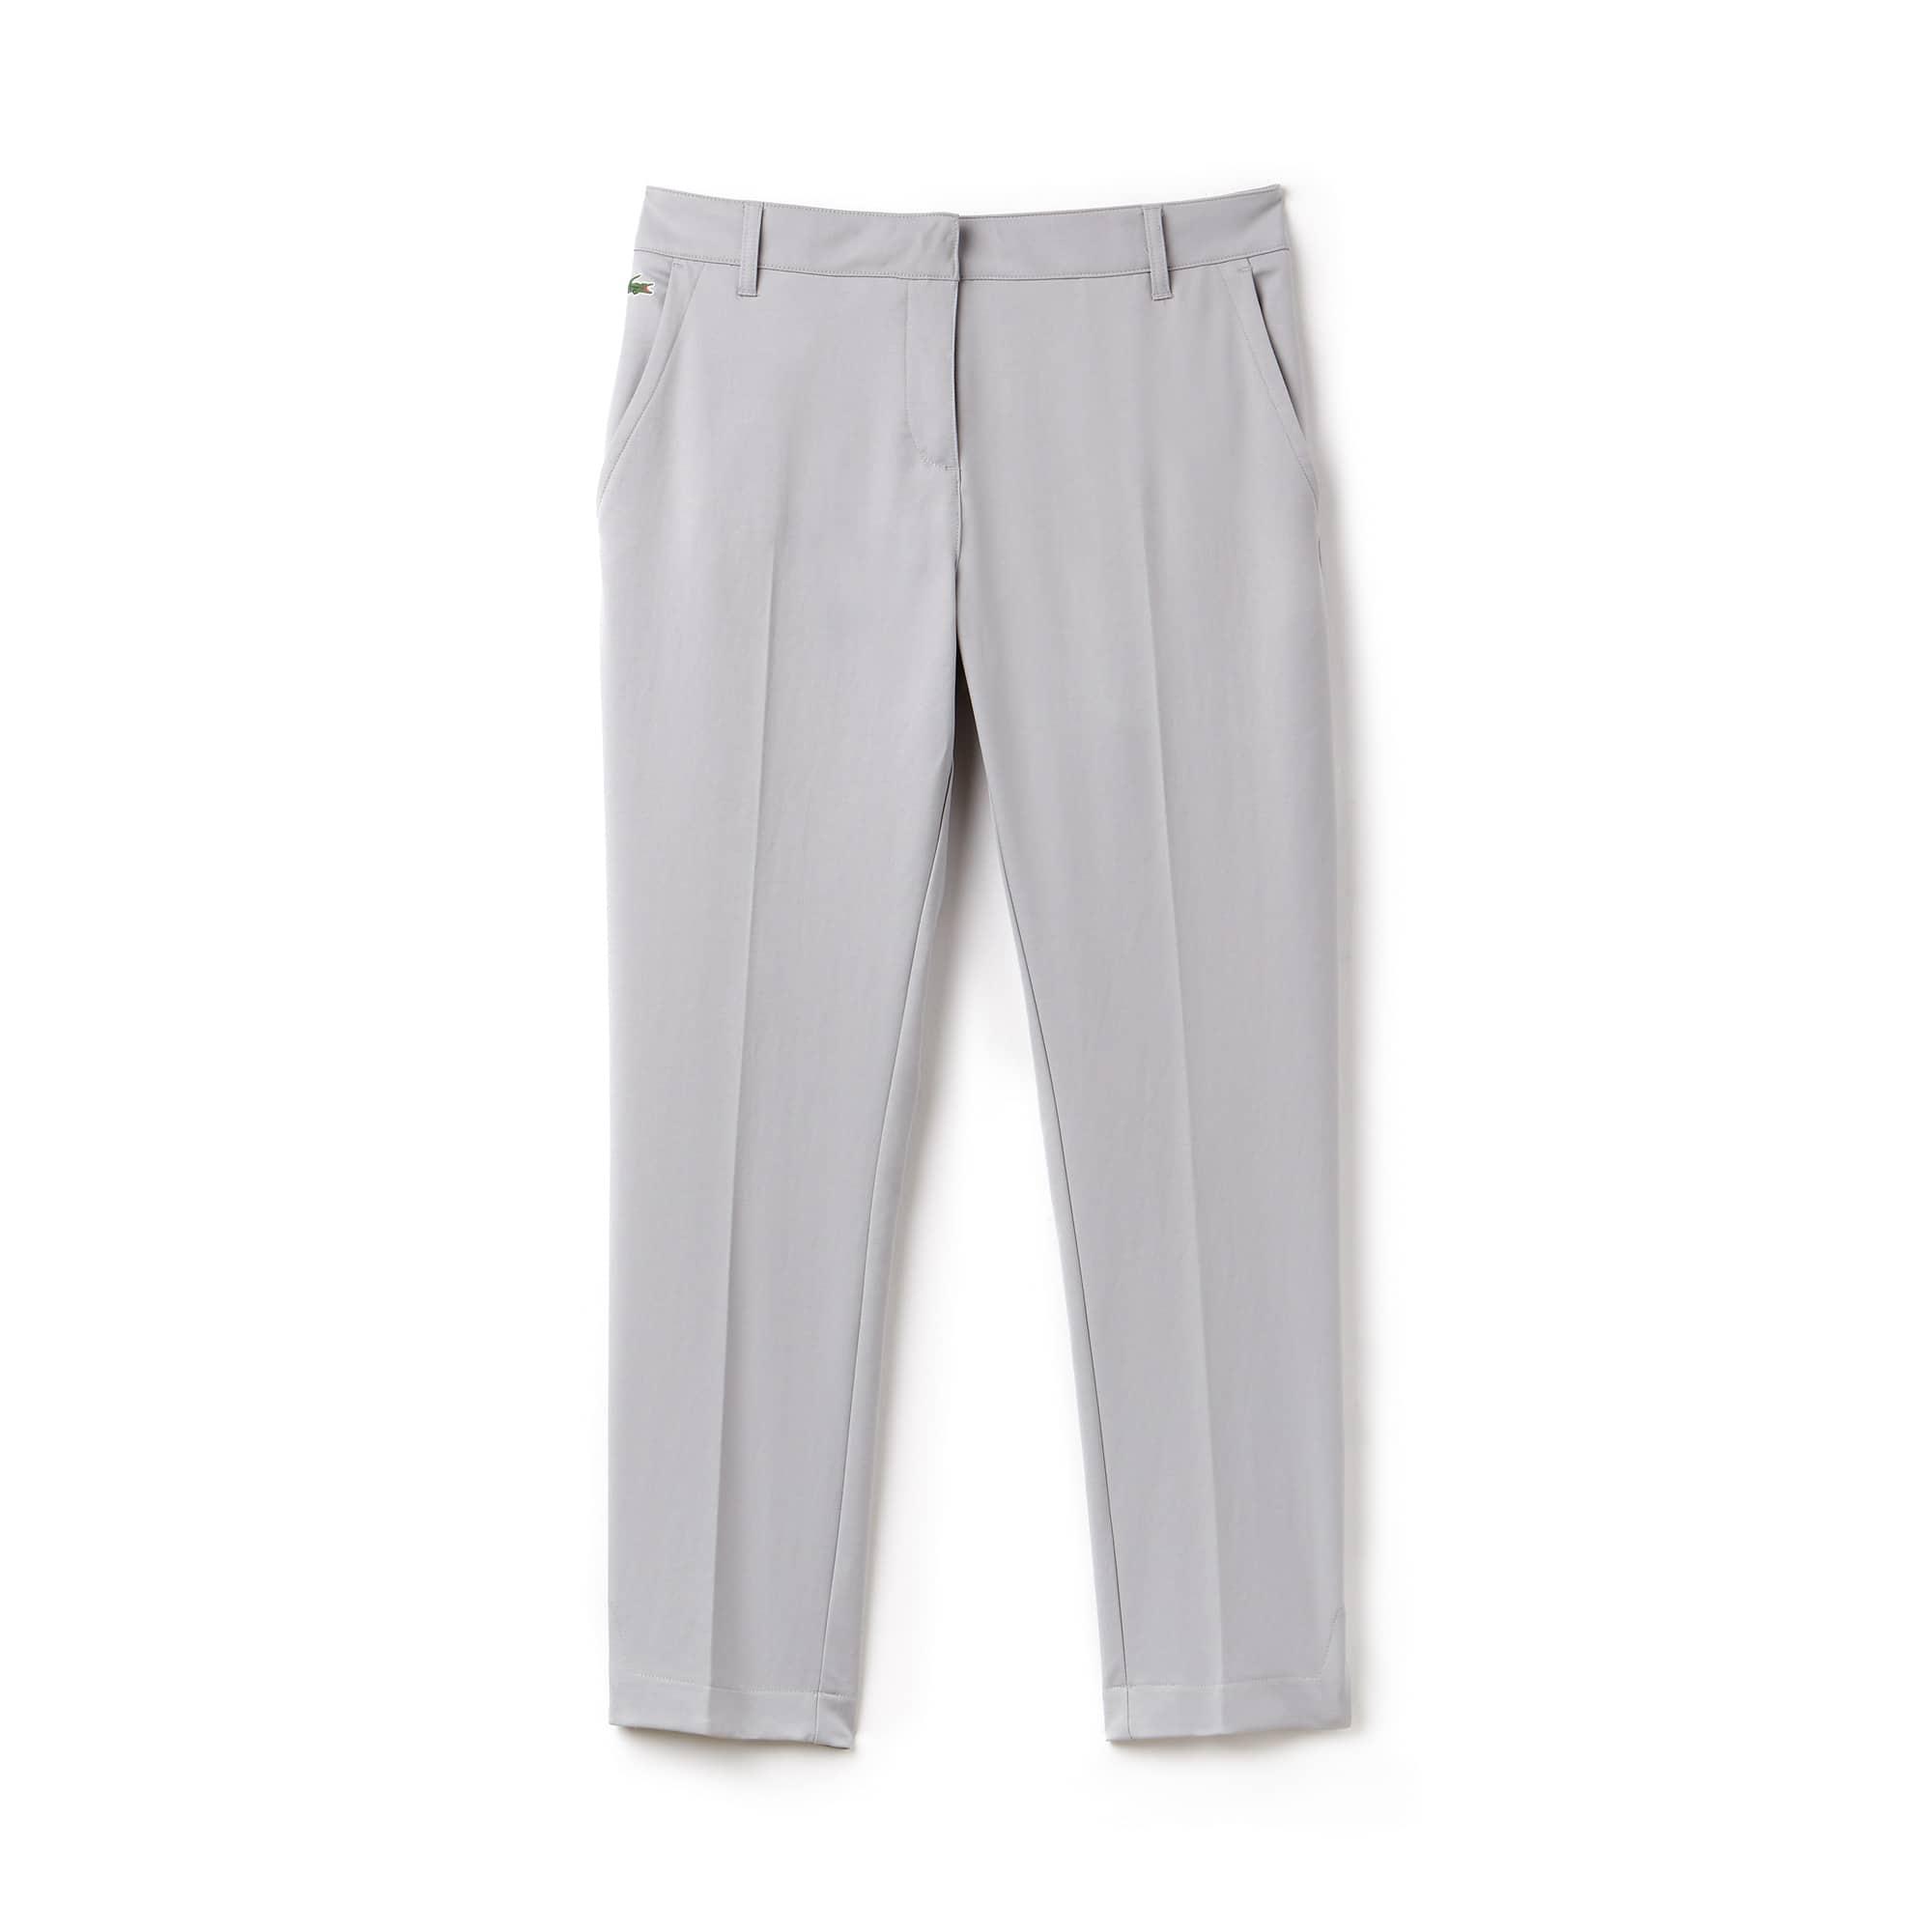 Pantalón Plisado Edición Ryder Cup